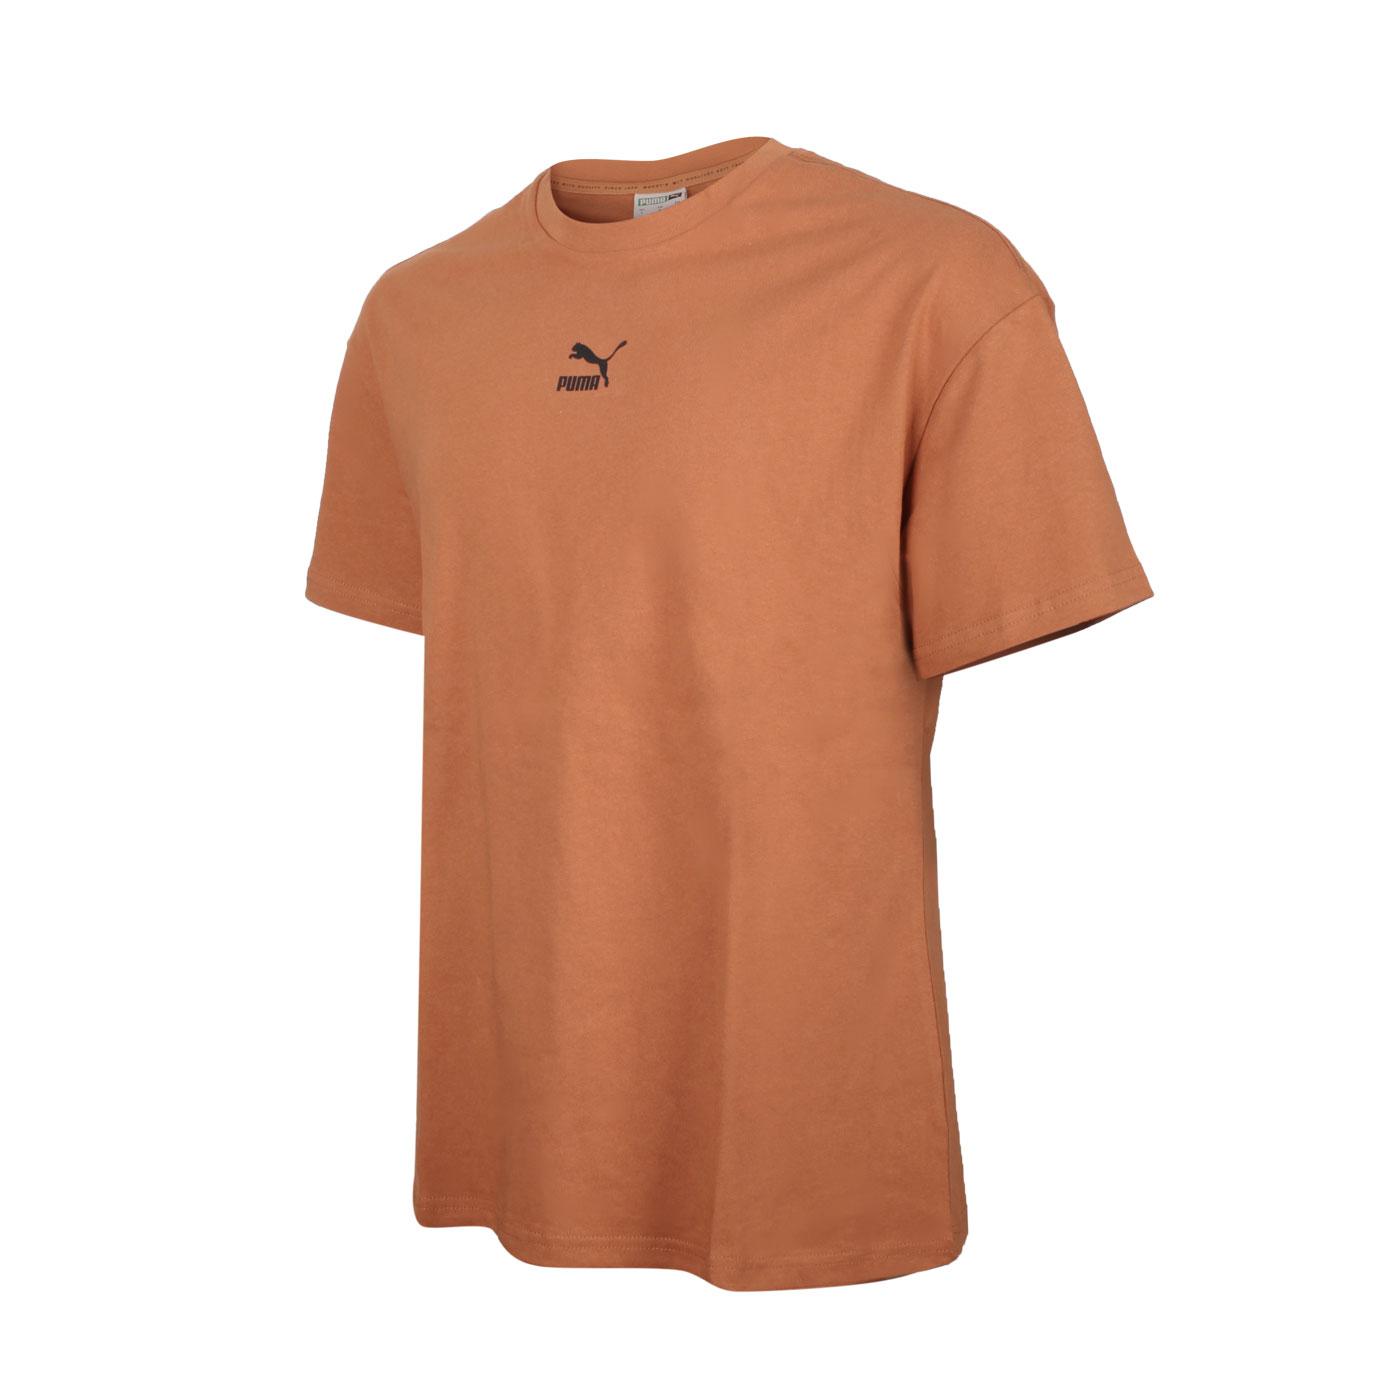 PUMA 男款流行系列Classics寬鬆短袖T恤 53213517